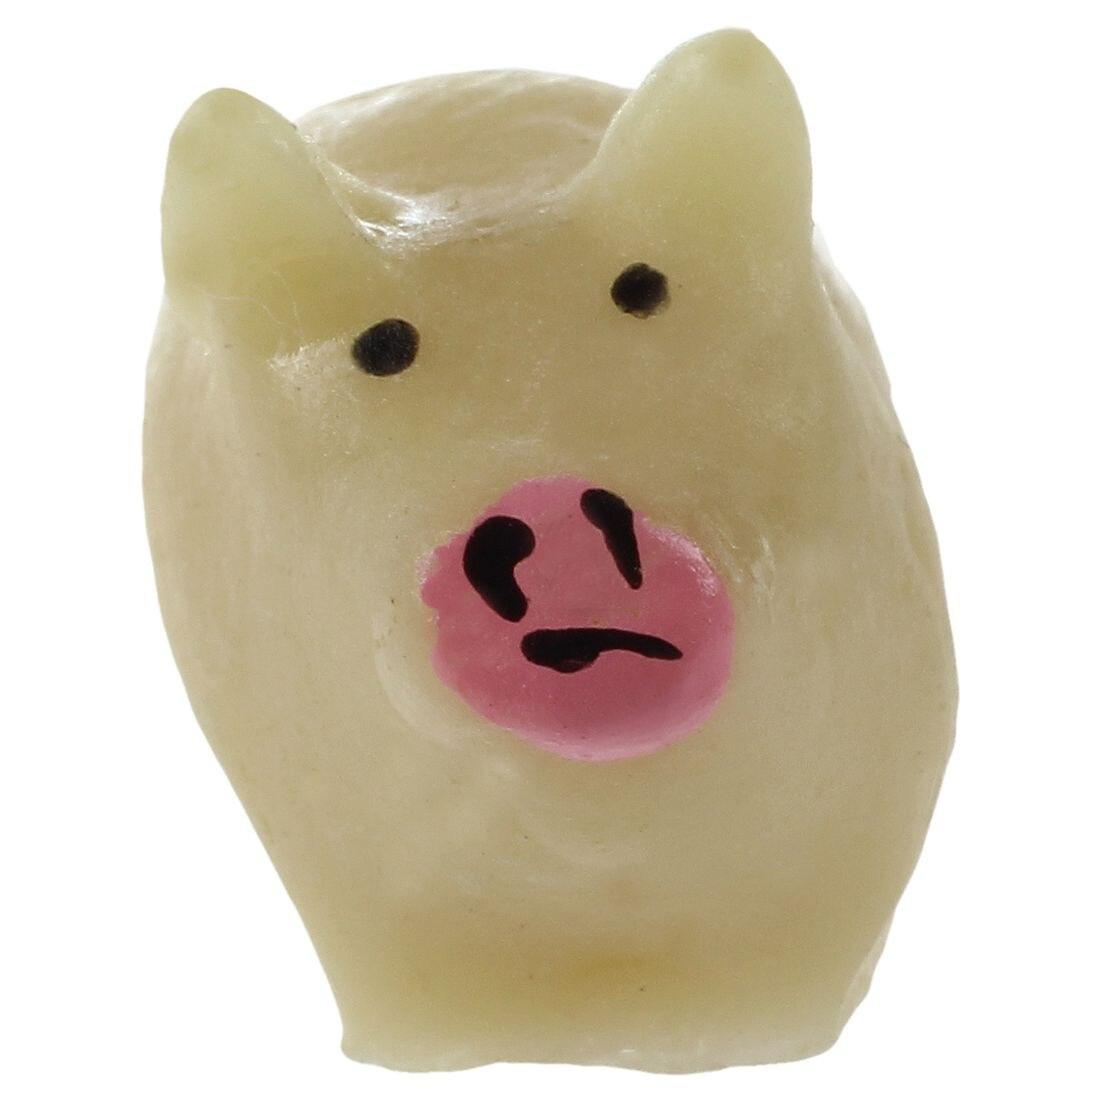 New 3Pcs Mini Dollhouse Bonsai Craft Ornament pigs toys